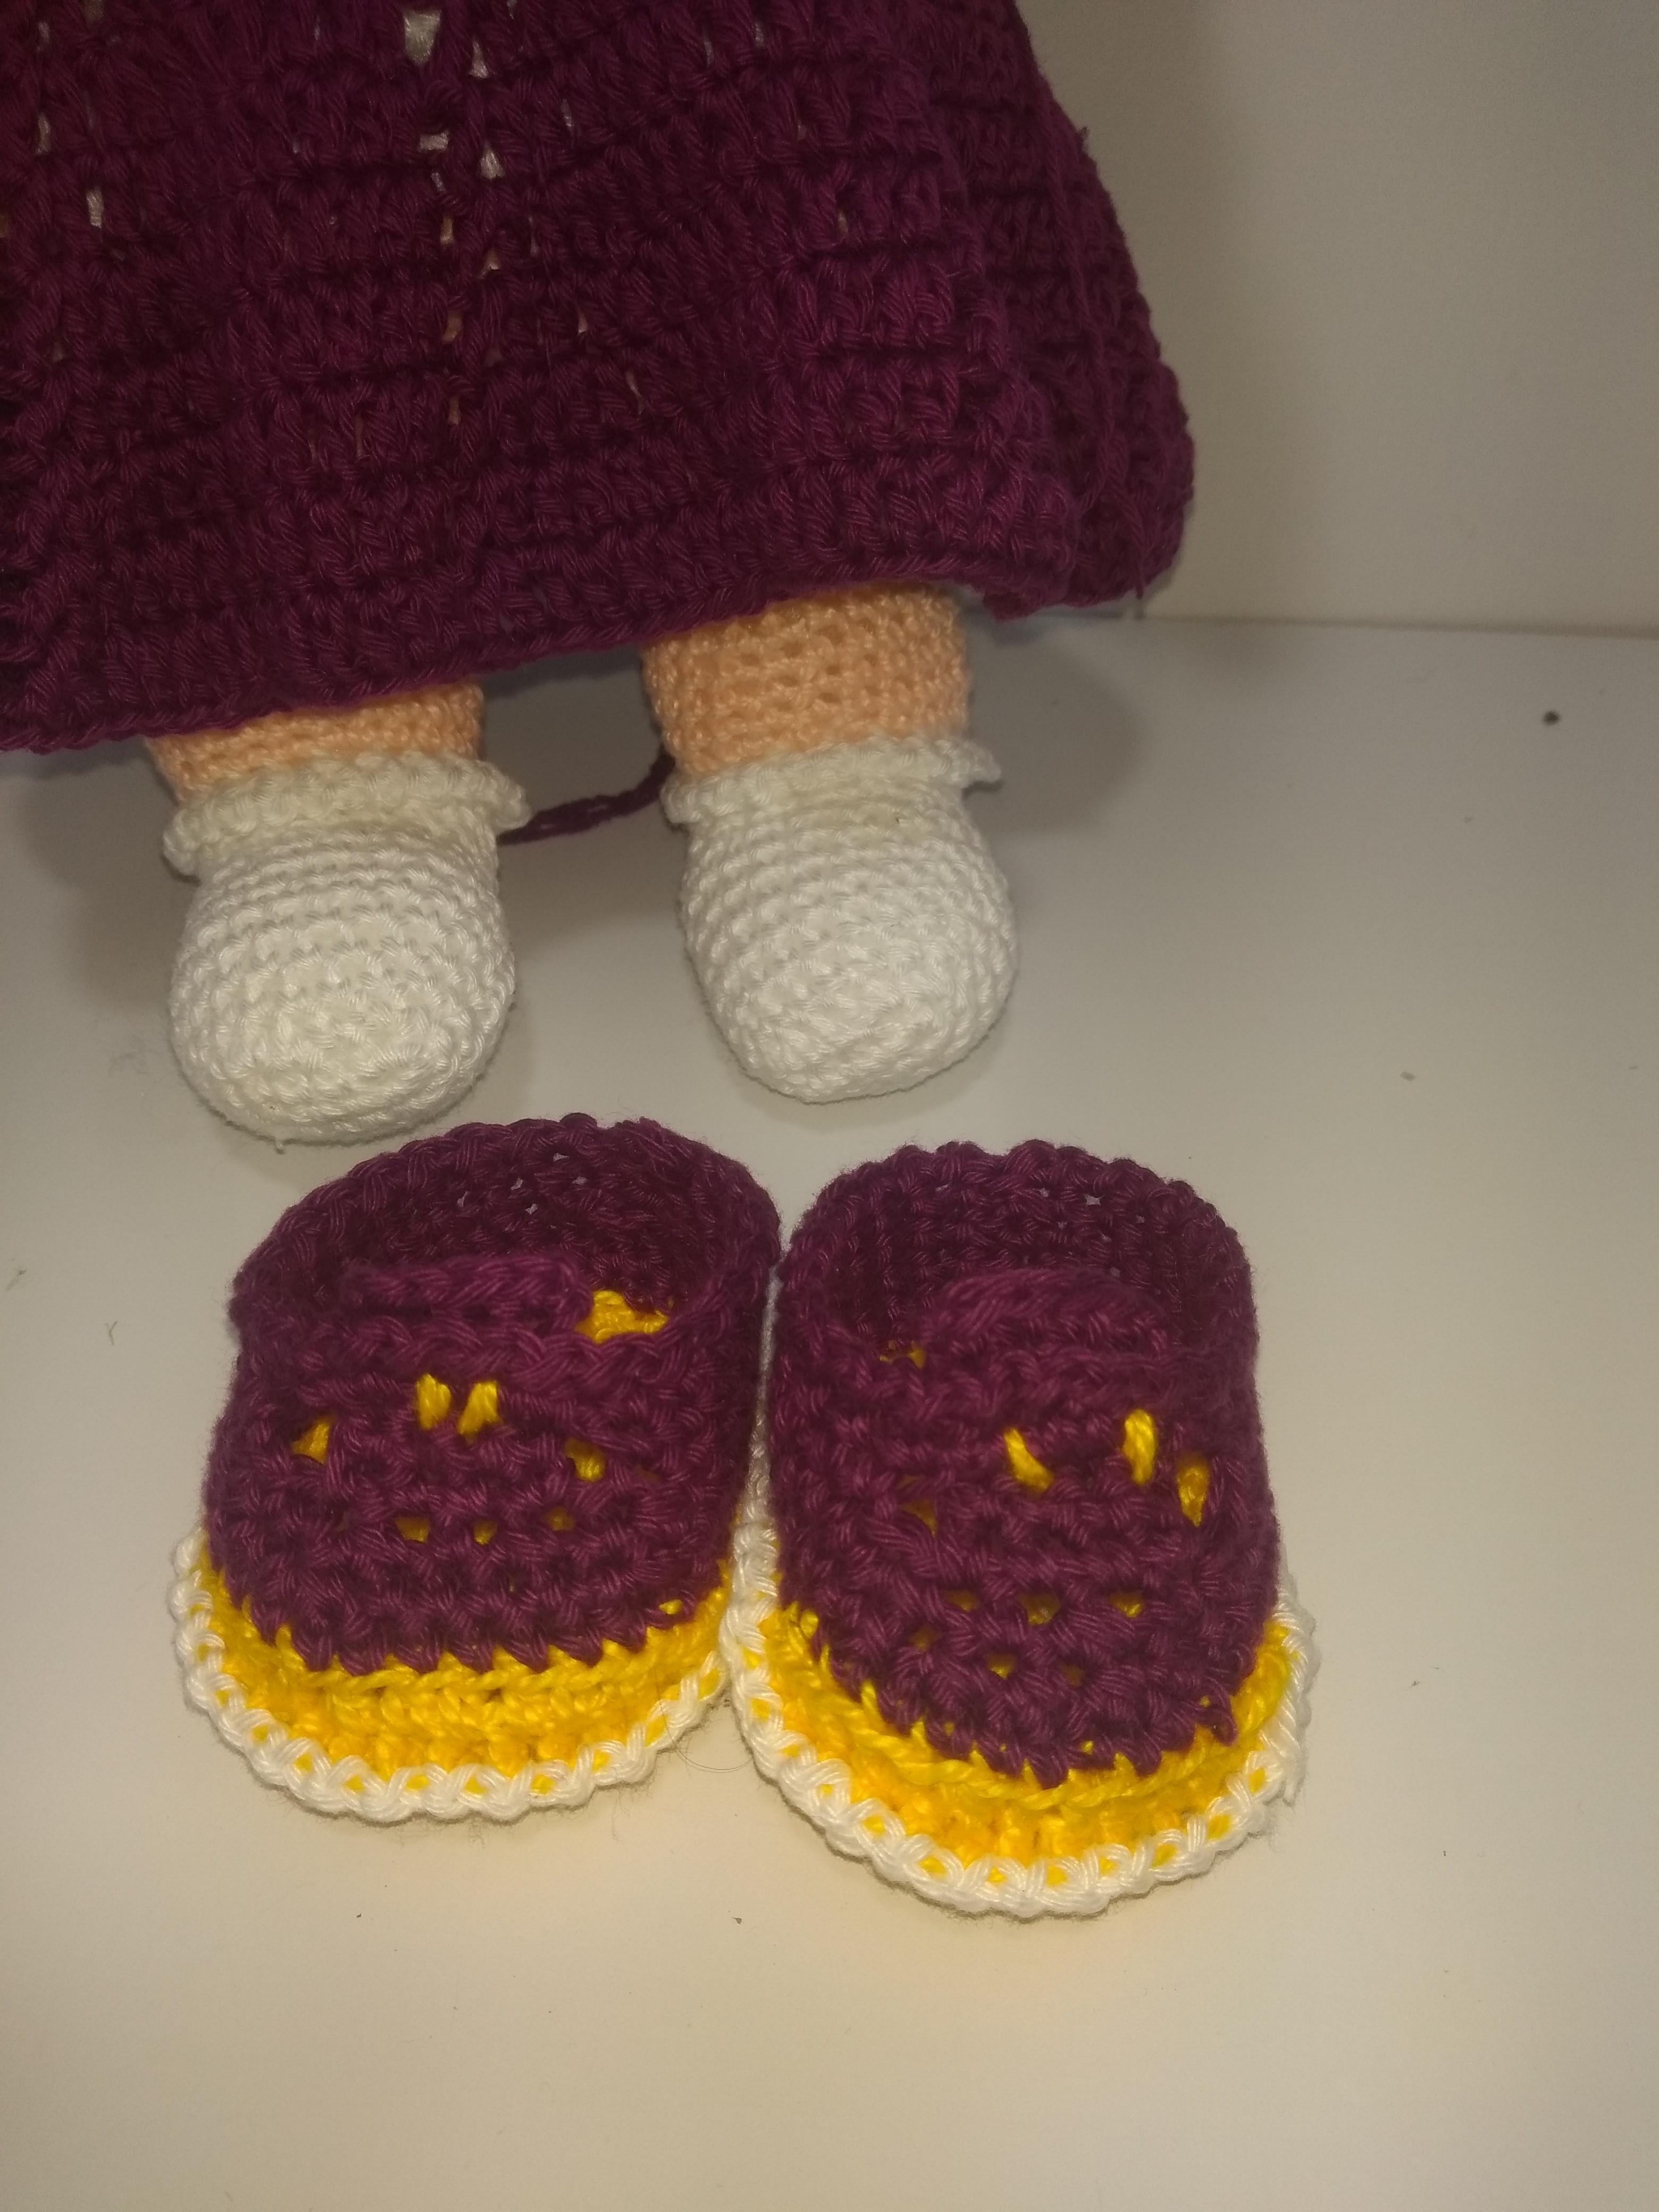 Masha&Orso crochet amigurumi | Muñecos de ganchillo, Patrones ... | 4160x3120